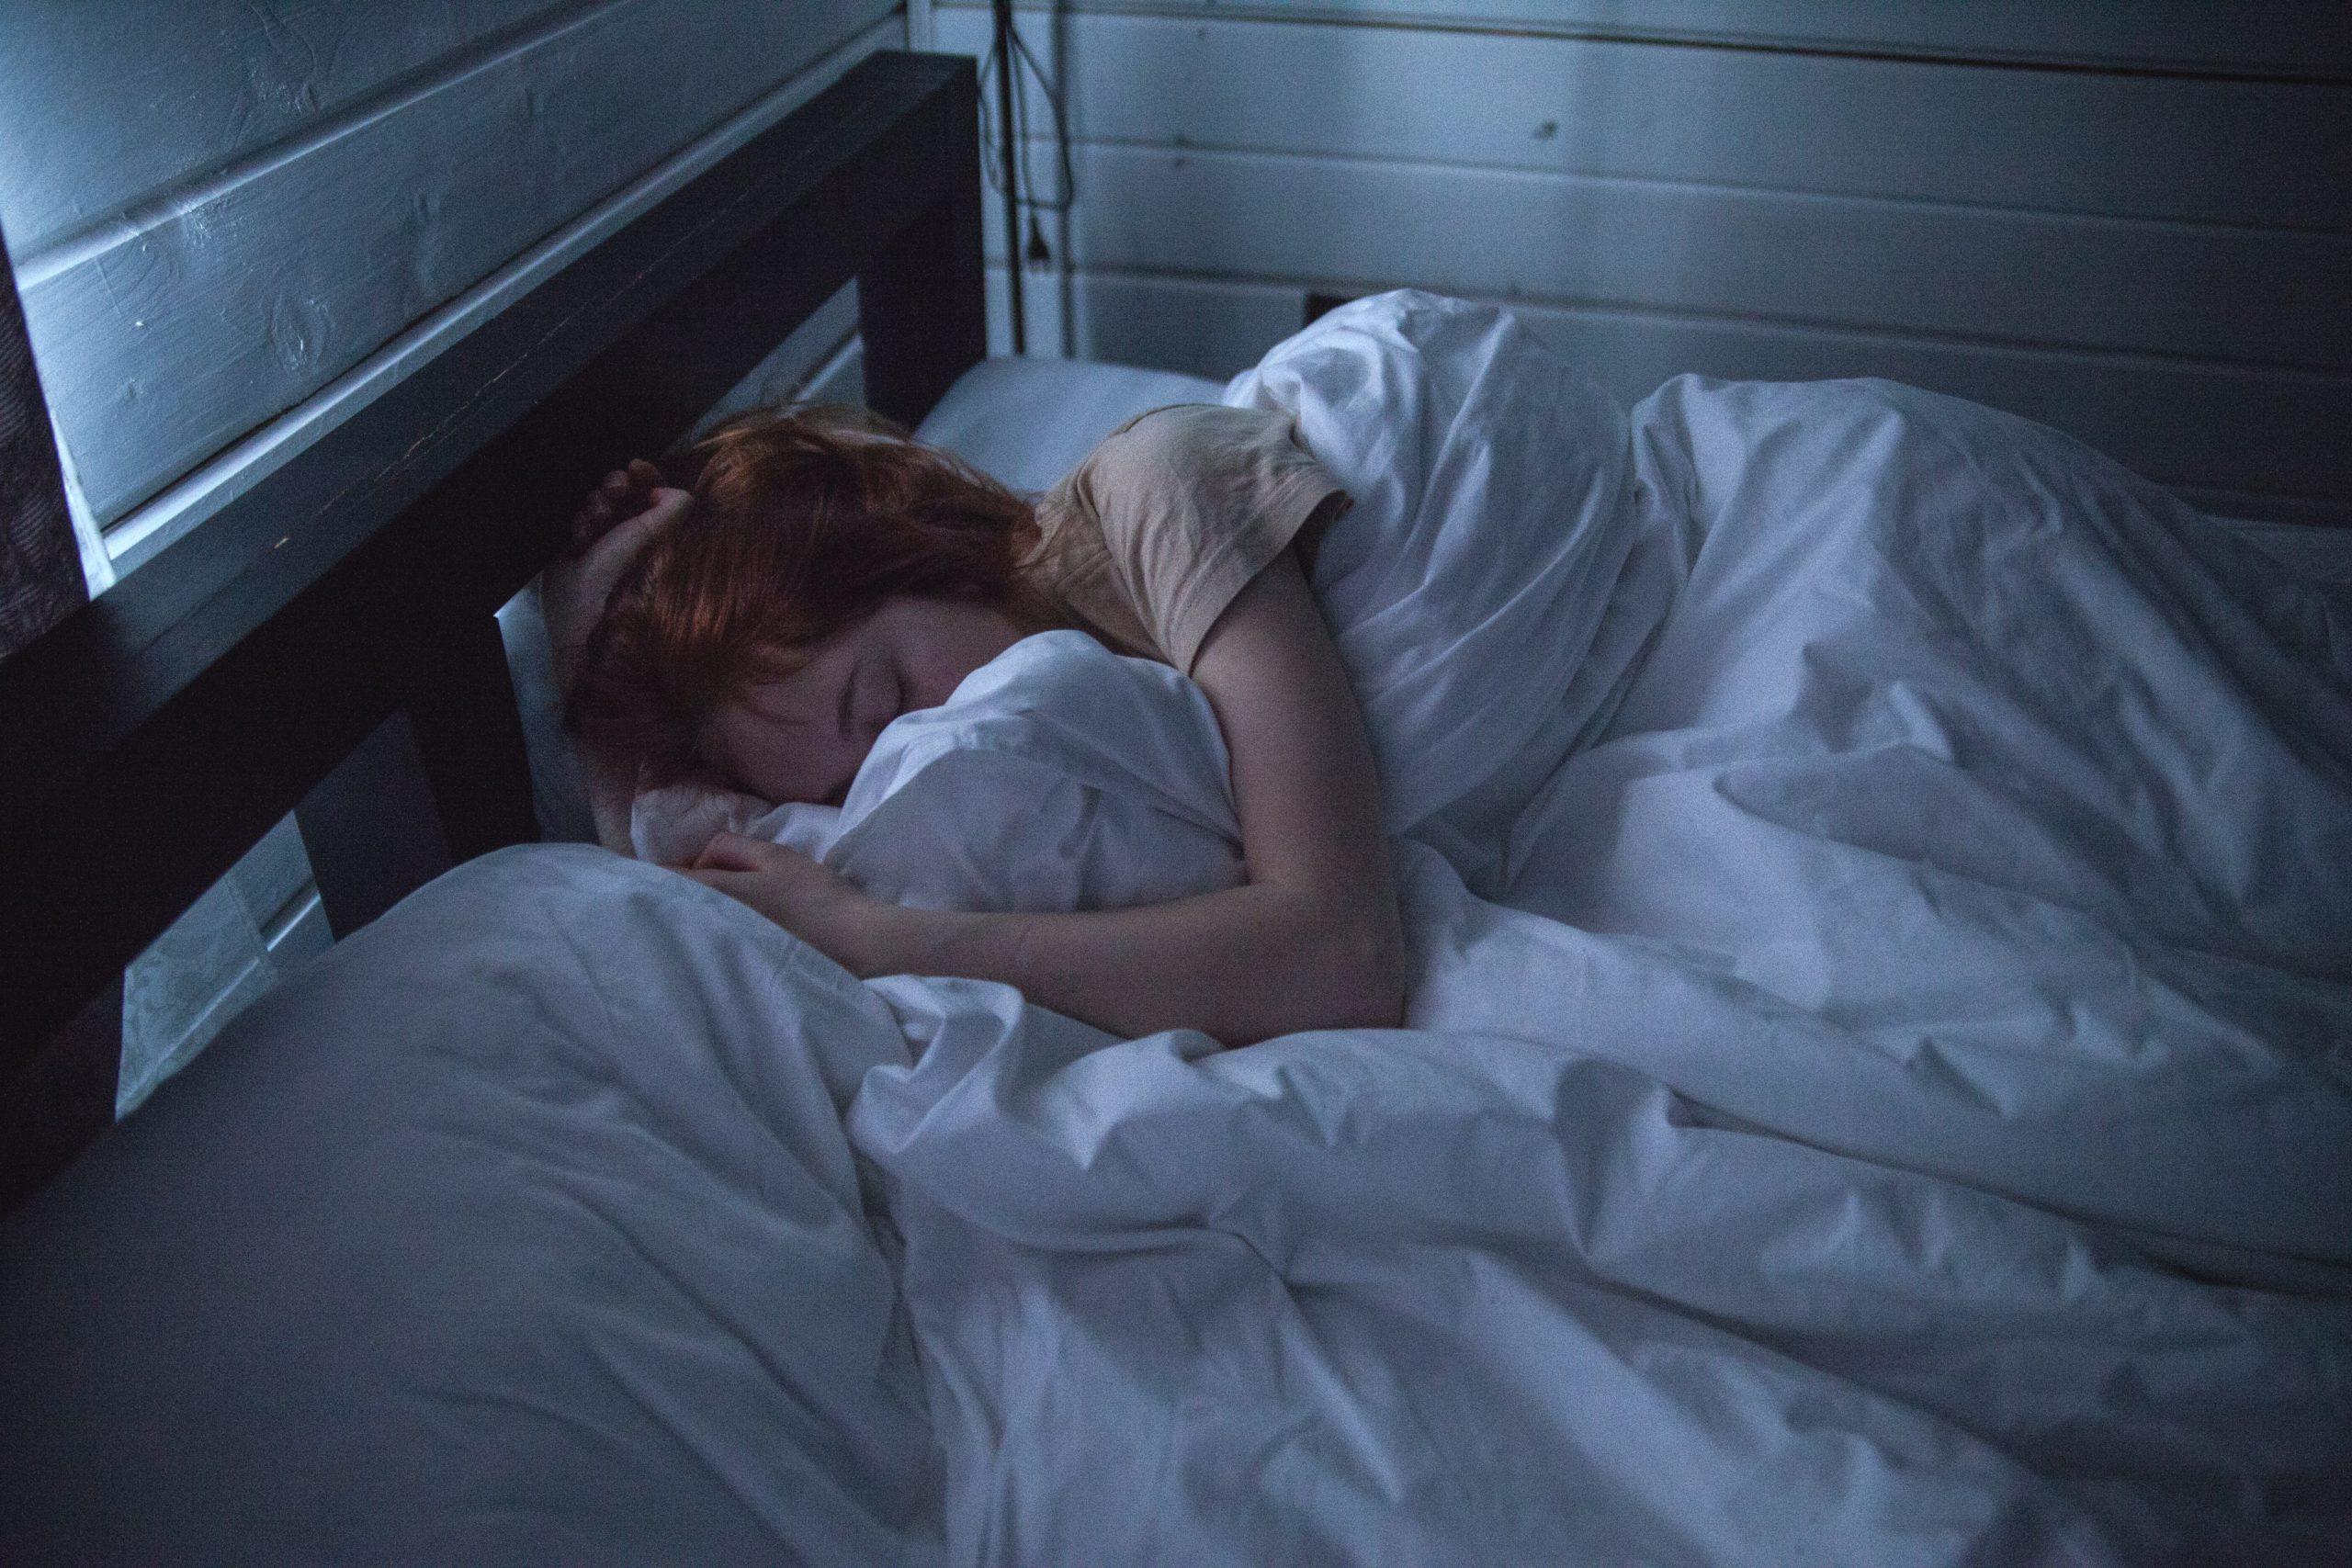 連休明けに仕事に行きたくない真の理由【答え:仕事が嫌いだから】